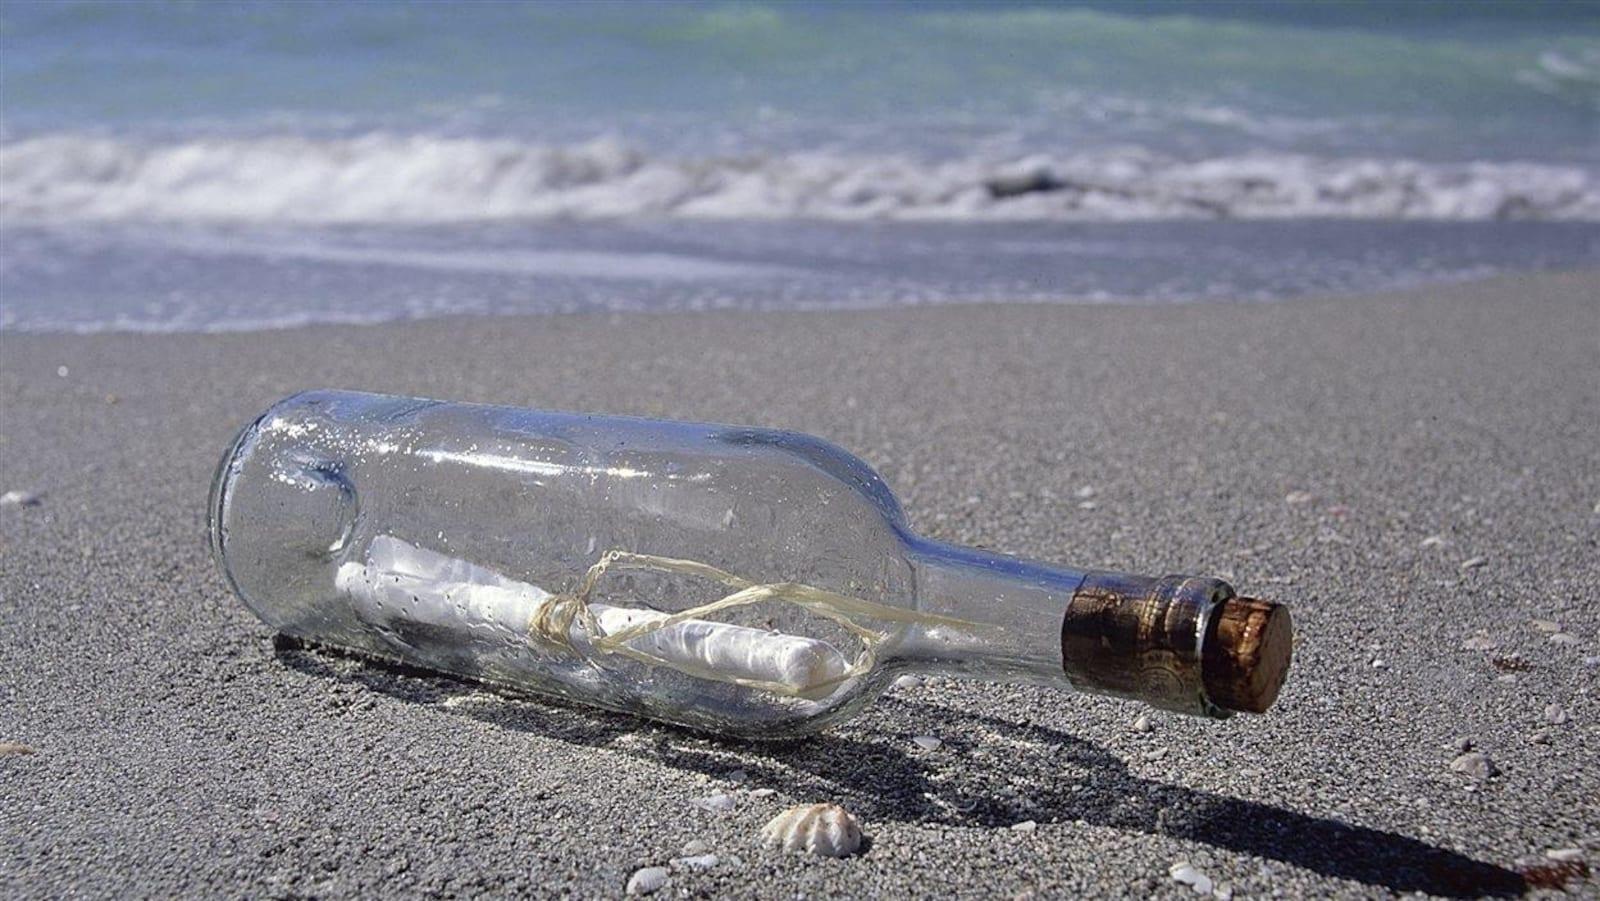 Un homme de Terre-Neuve-et-Labrador, maintenant décédé, reçoit des réponses à ses messages envoyés à la mer dans des bouteilles.